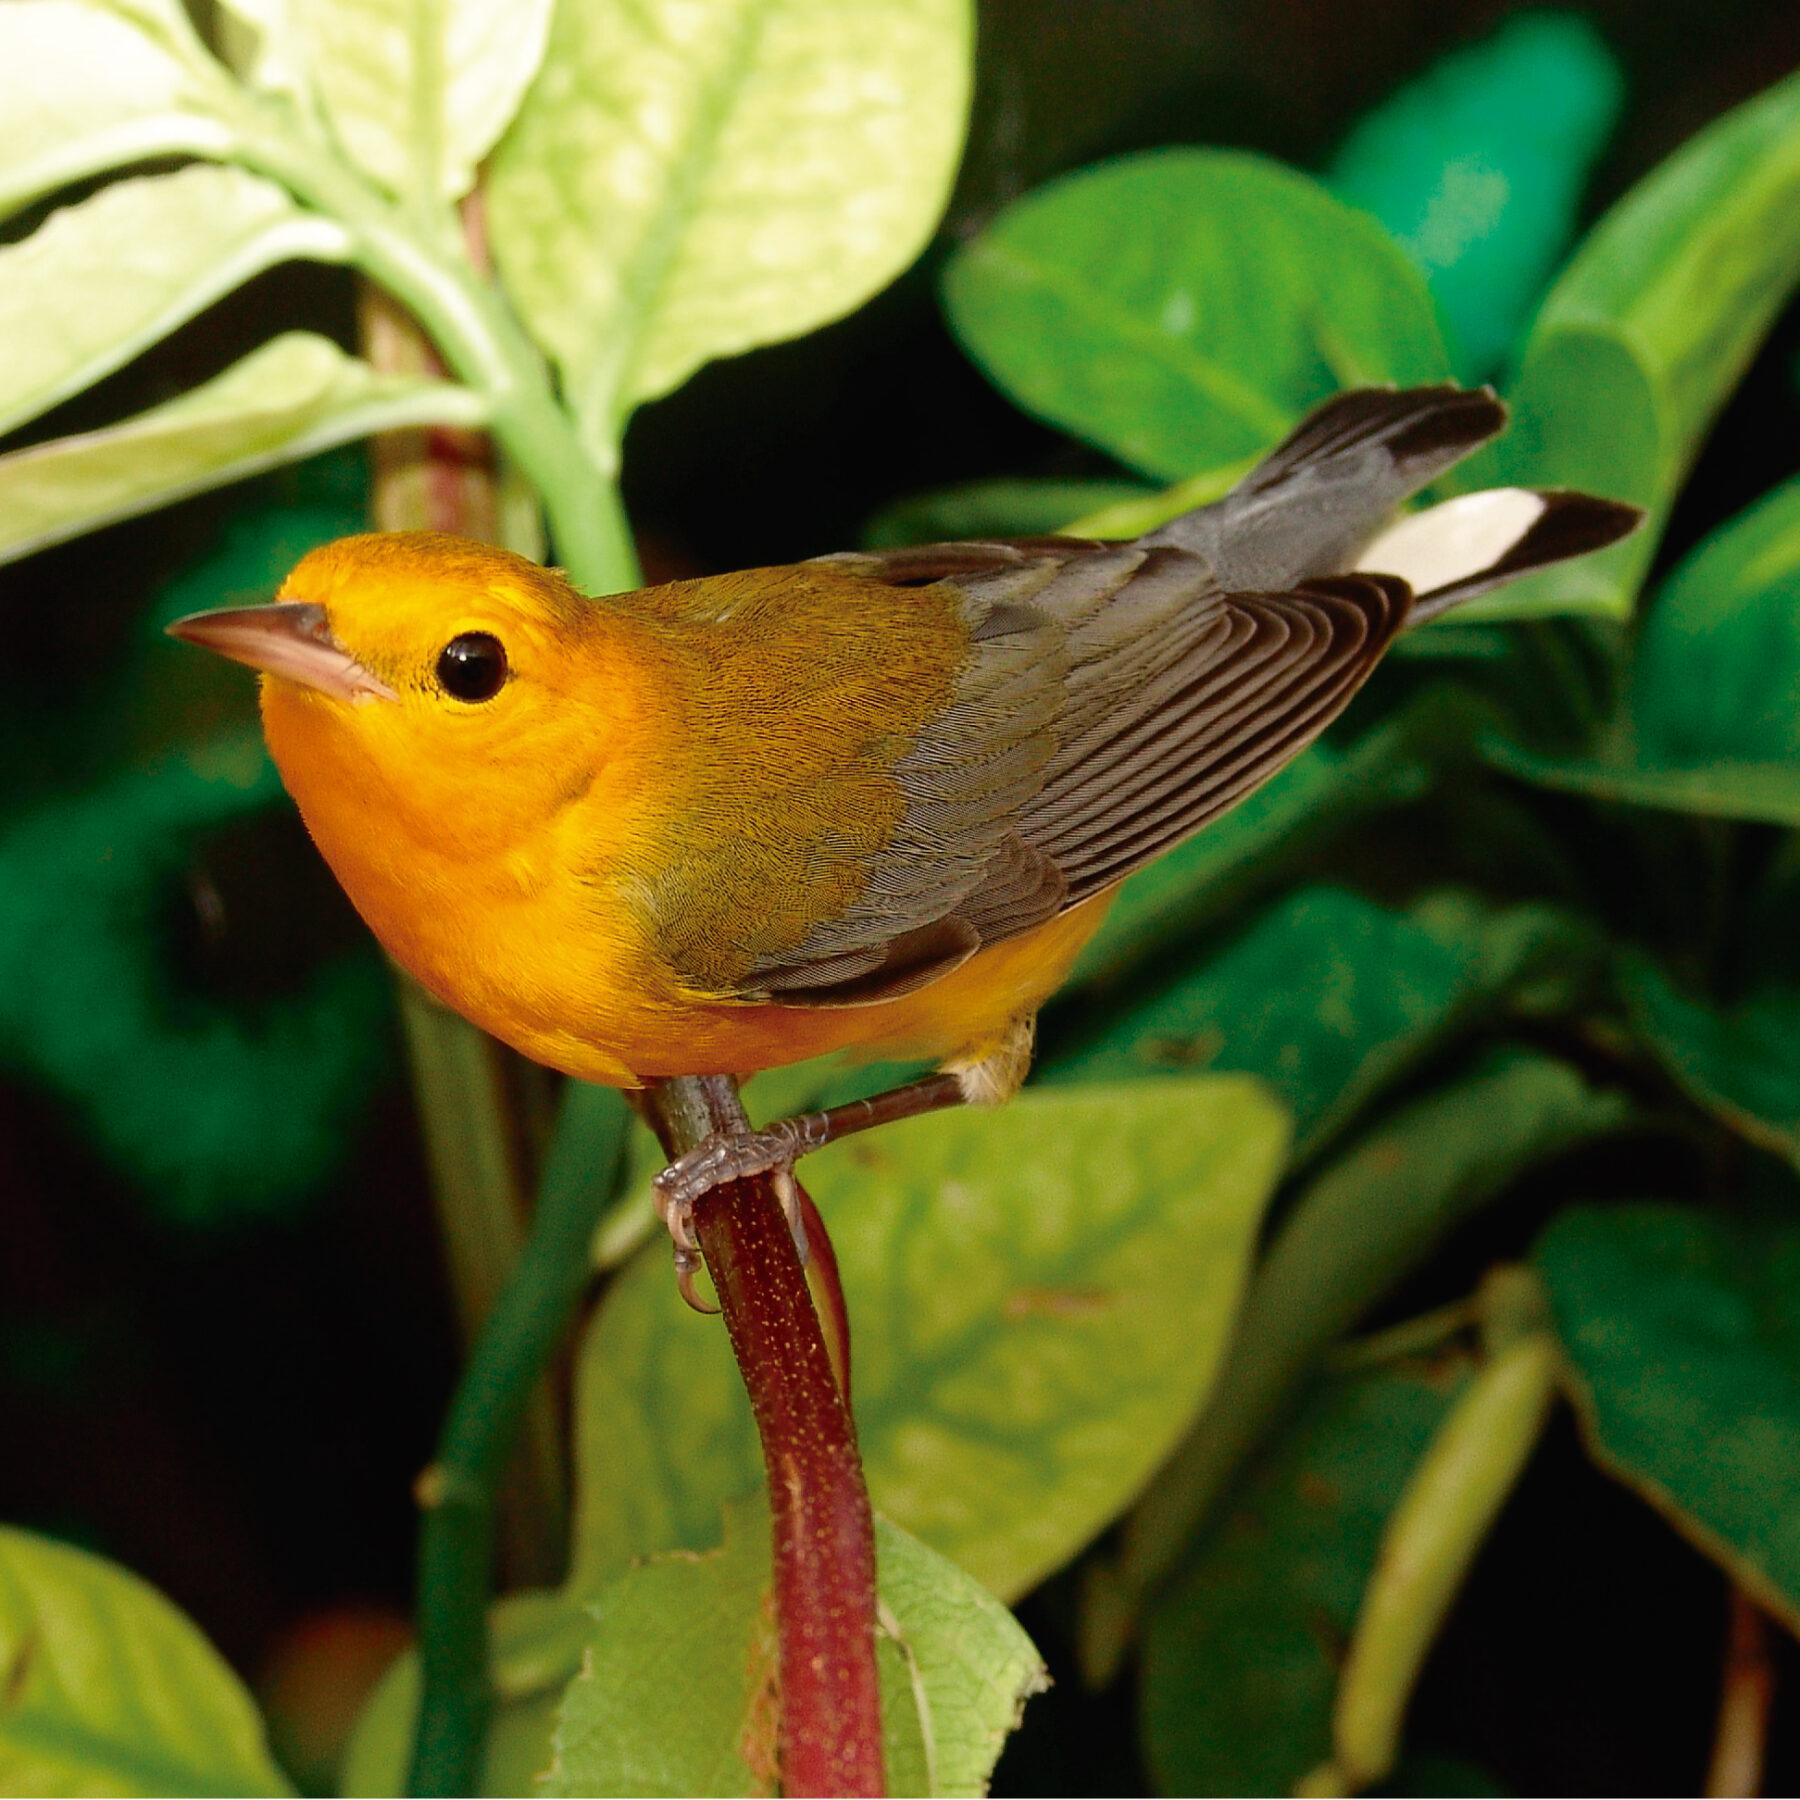 Reservas ProAves: refugios críticos de aves migratorias